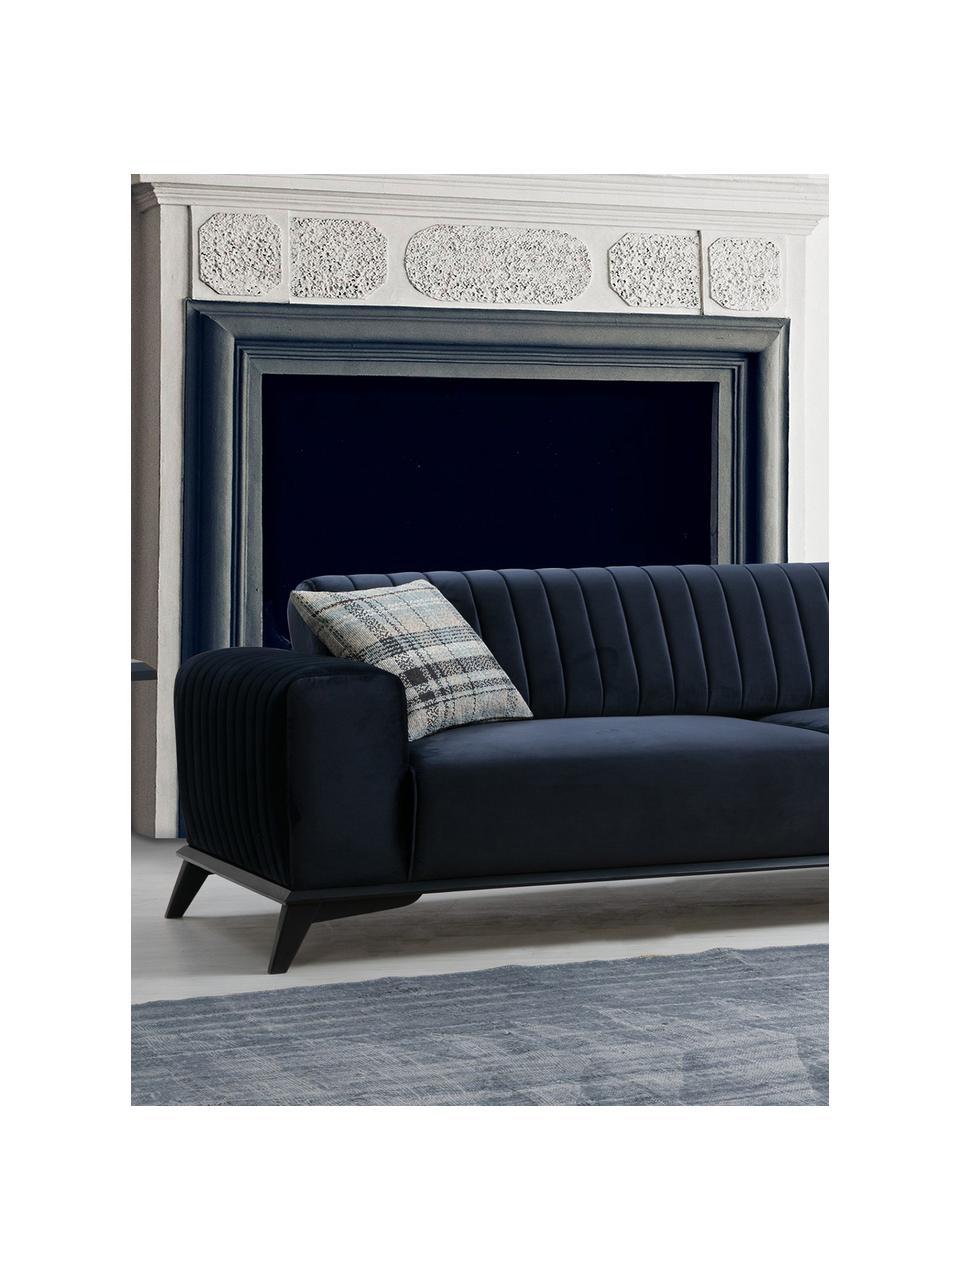 Sofa rozkładana z aksamitu Lisa (3-osobowa), Tapicerka: 100% aksamit poliestrowy, Stelaż: drewno brzozowe, płyta wi, Nogi: drewno naturalne, Niebieski, S 220 x G 92 cm